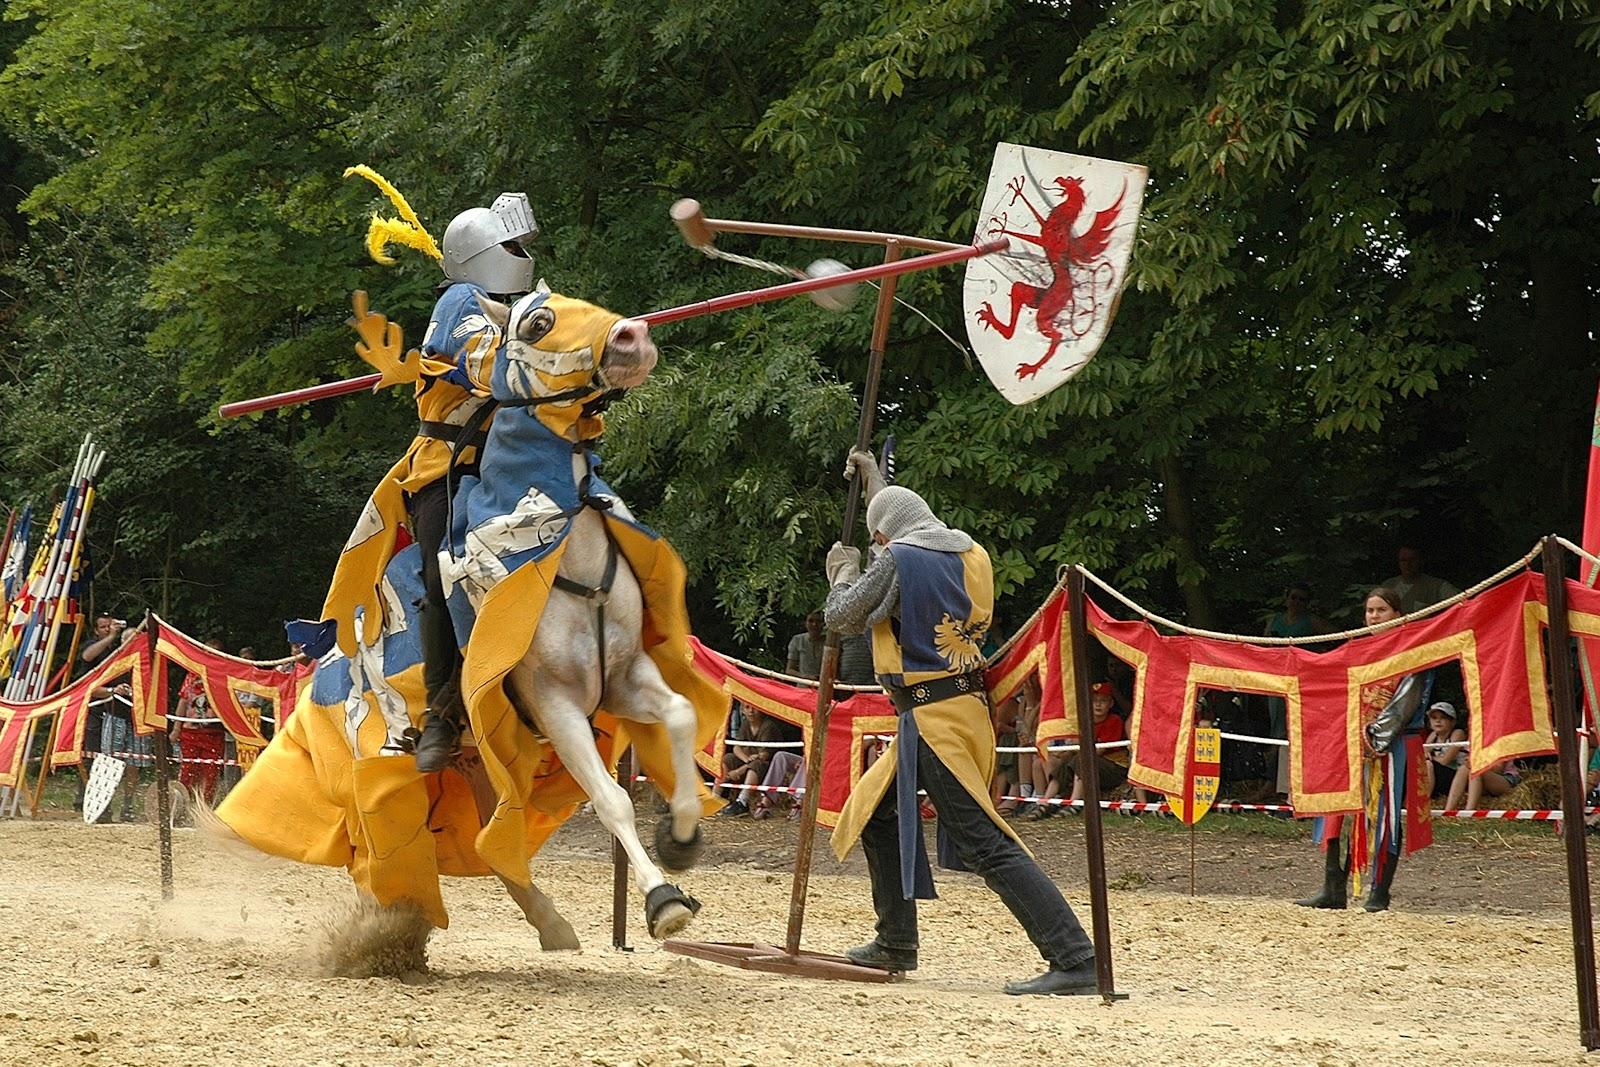 Dourdan tourisme tournoi de chevalerie - Recherche sur les chevaliers de la table ronde ...